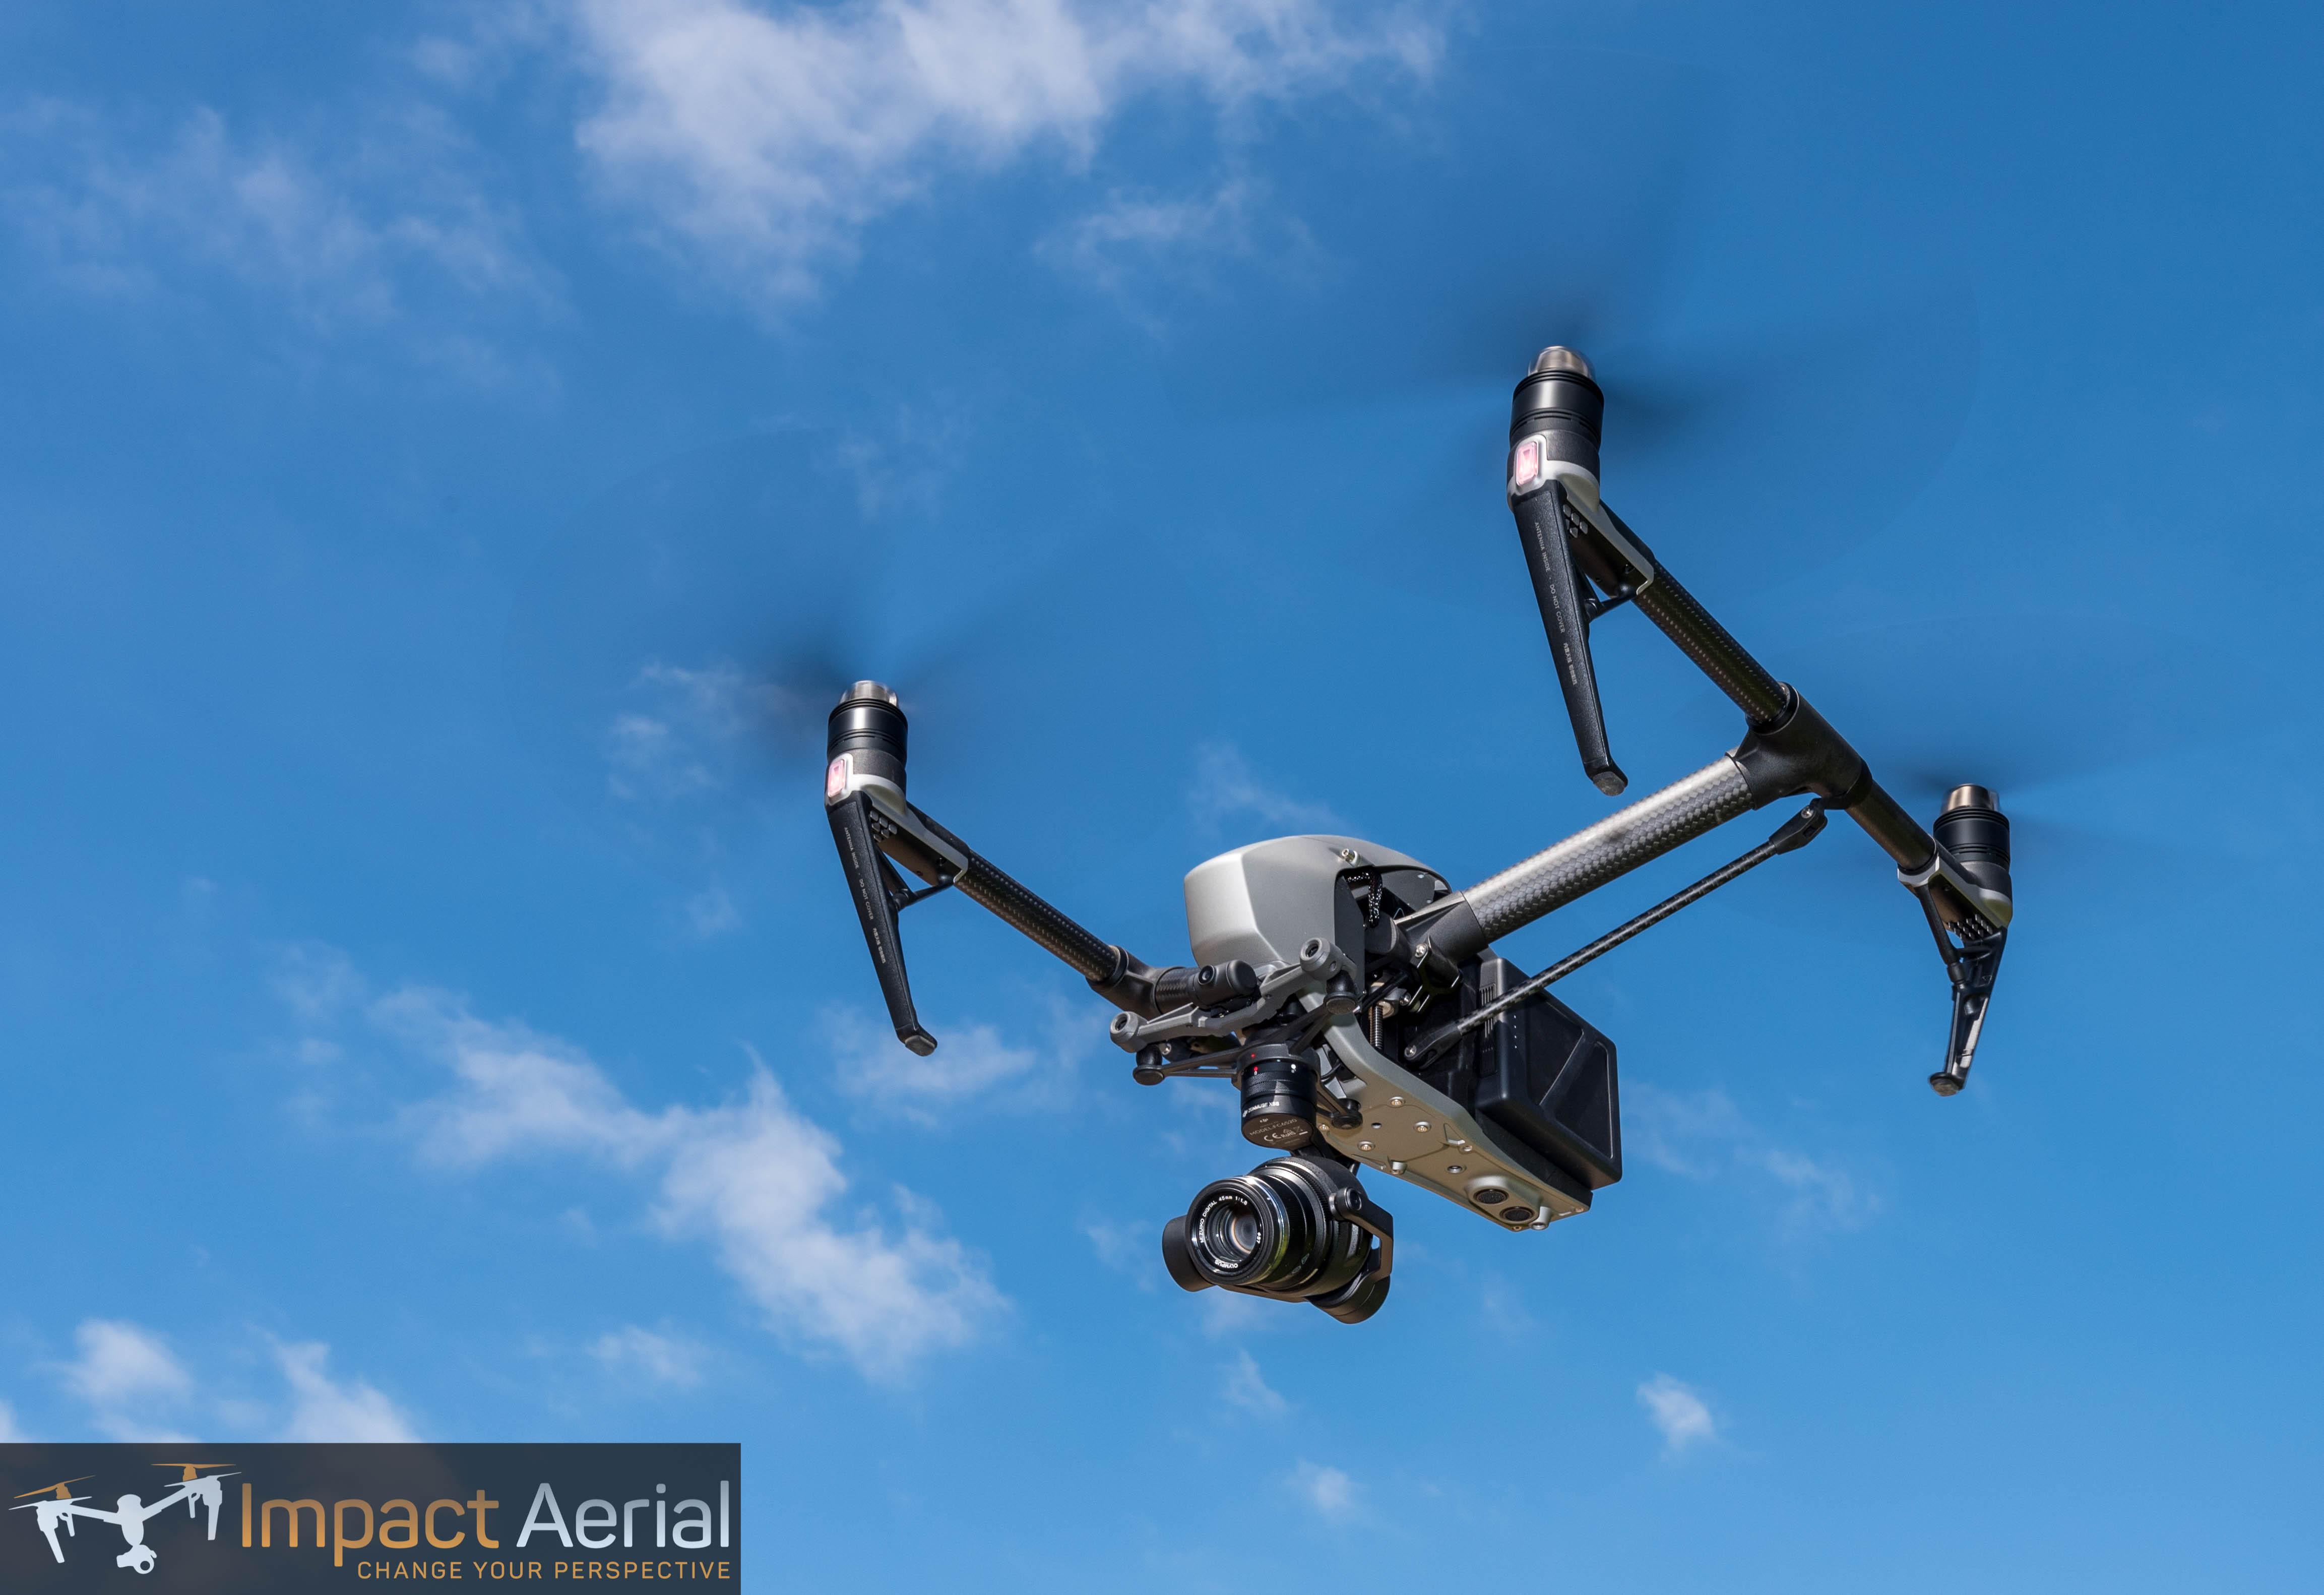 Impact Aerial Ltd